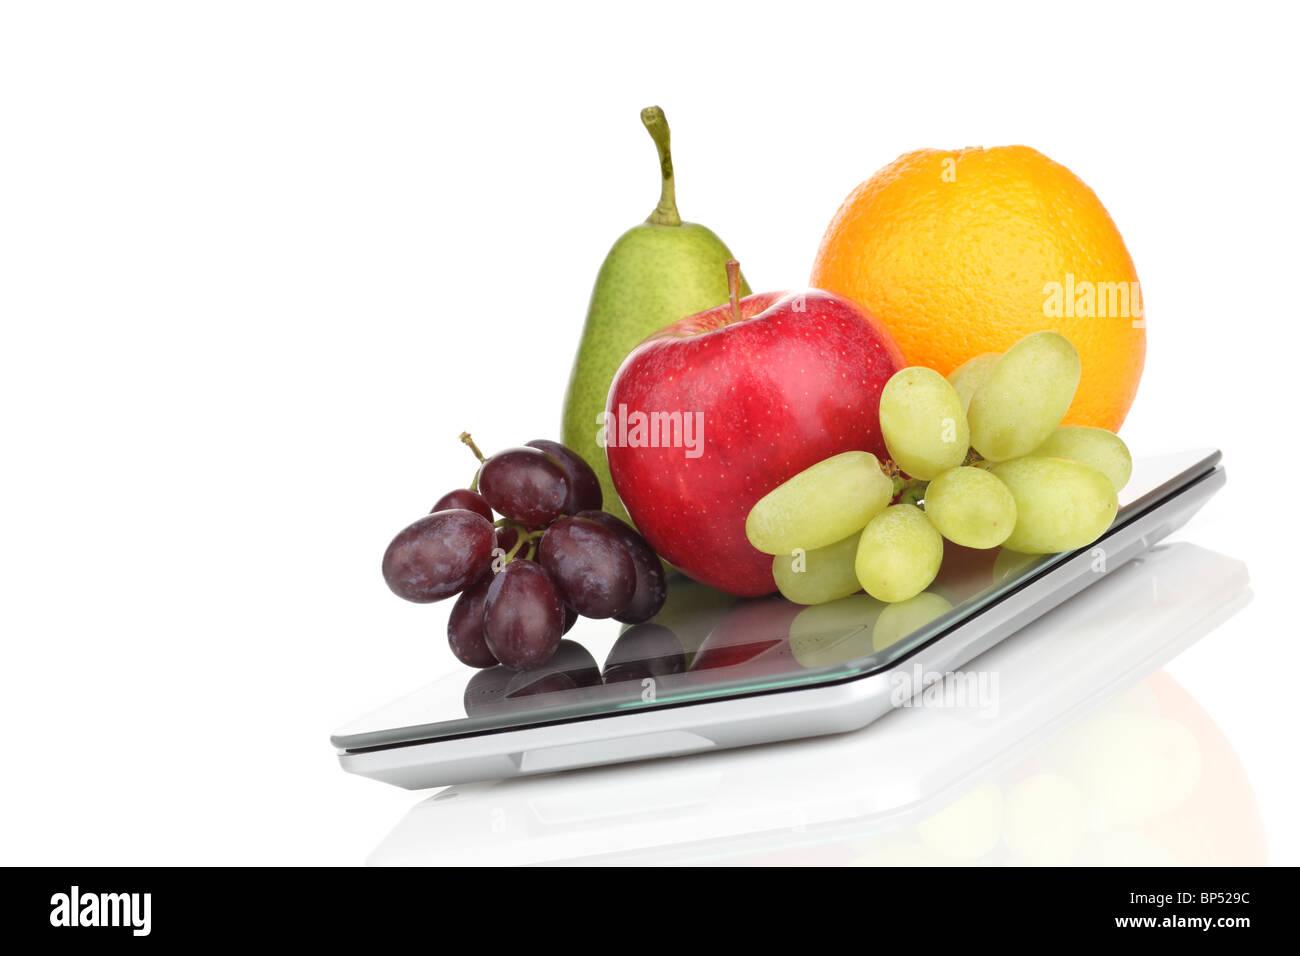 Apfel, Orange, Birne und Trauben auf einer schmalen Küchenwaage Stock Photo